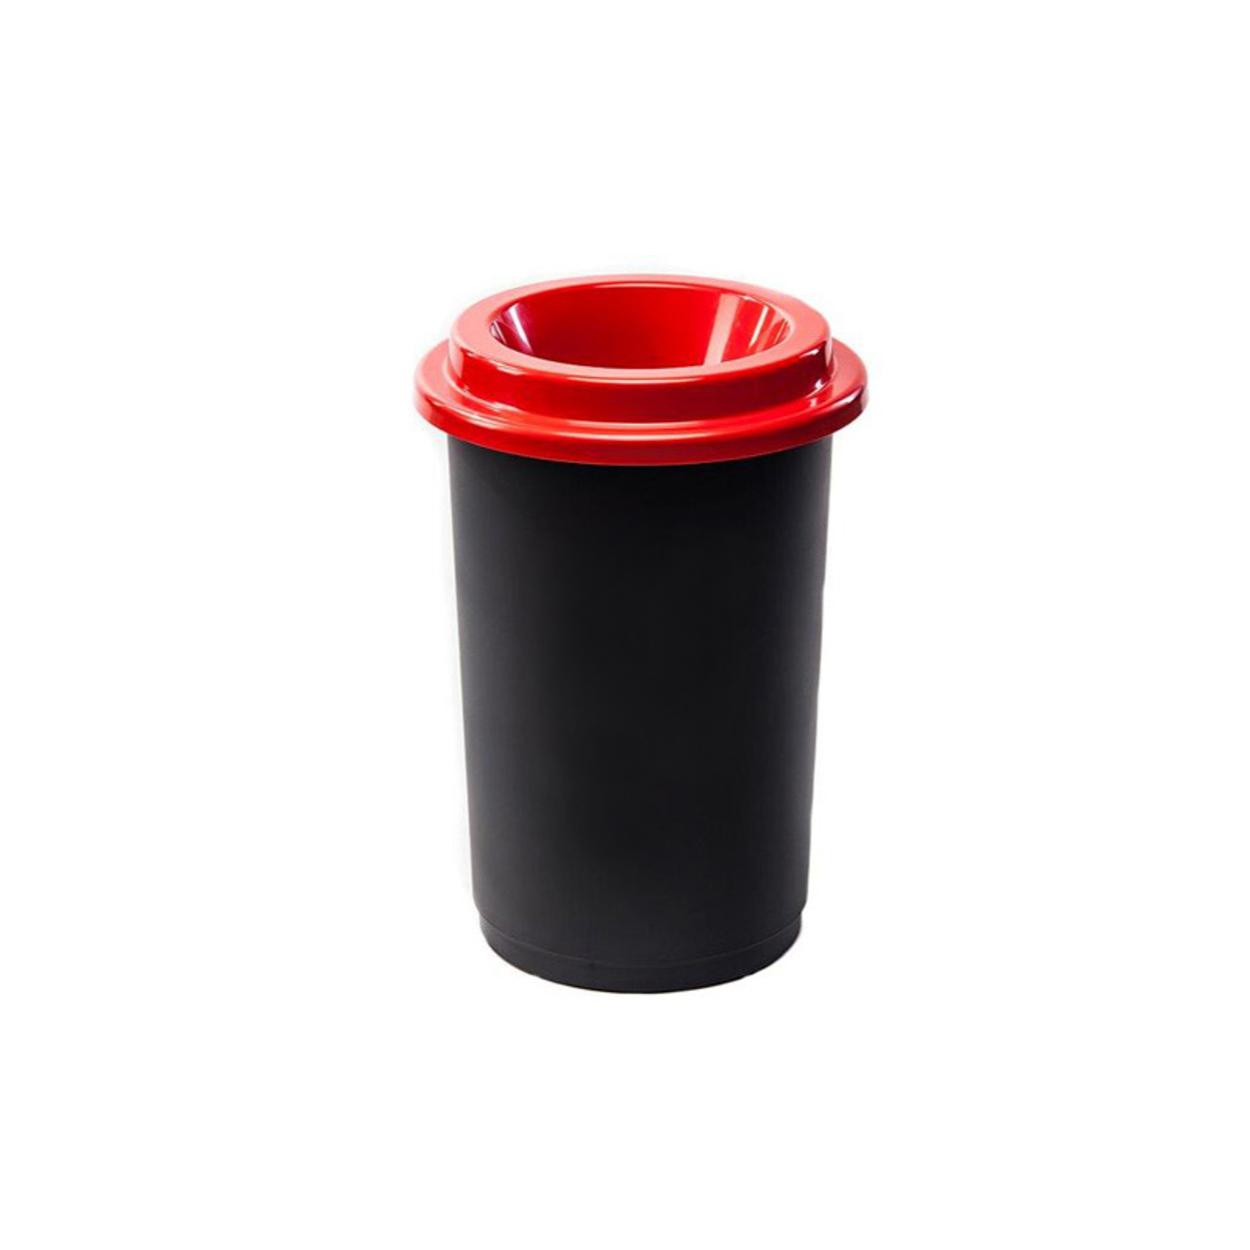 Plastikowy kosz okrągły, do segregacji śmieci 50 l, czerwony